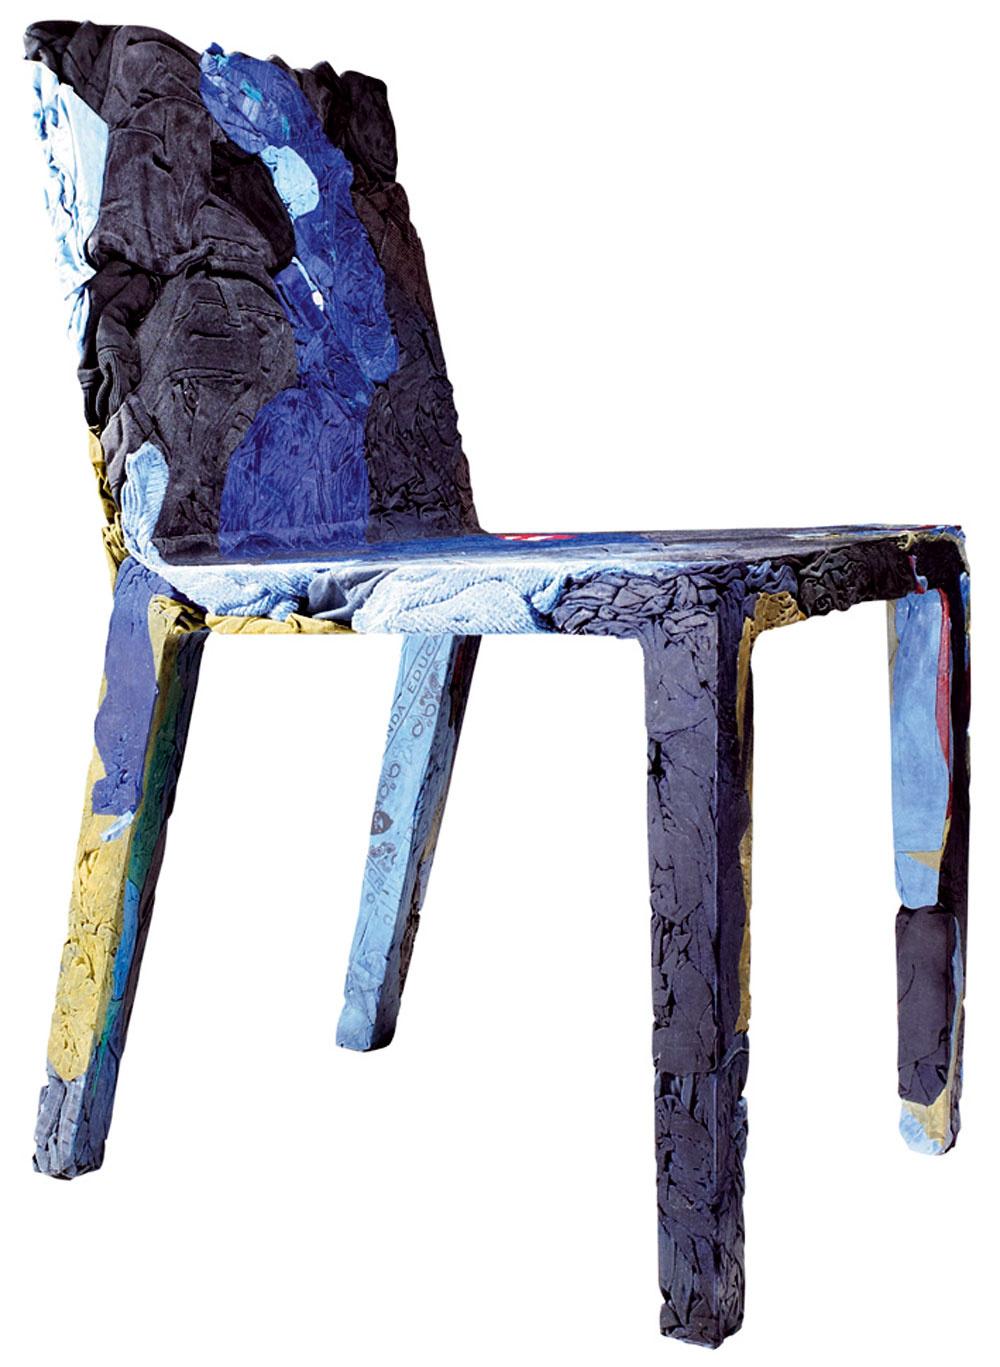 Nemecký dizajnér Tobias Juretzek navrhol pre taliansku značku Casamania sériu Remeberme (Spomínajnamňa) zobnoseného oblečenia zlisovaného do tvaru stoličiek. Staré materiály tak dostali nový príbeh amy zasa dôvod na zamyslenie nad ekologickými otázkami.